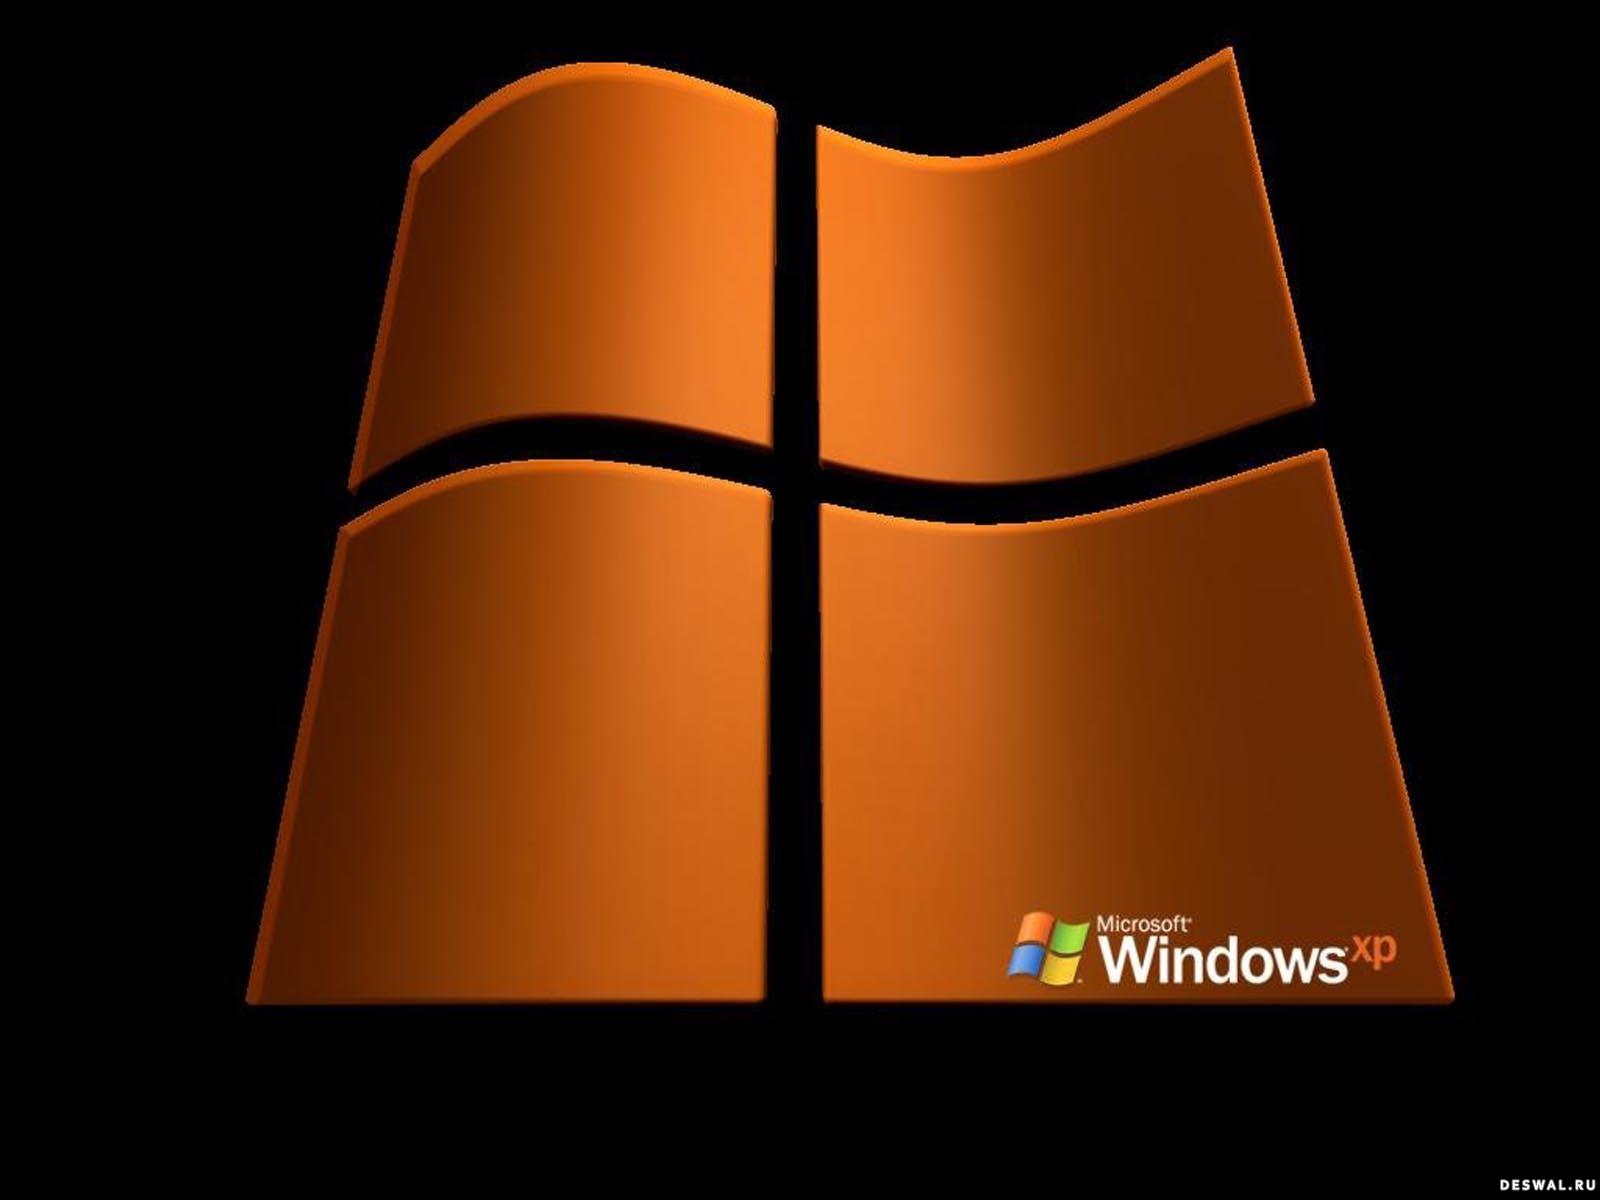 Фото 121. Нажмите на картинку с обоями windows, чтобы просмотреть ее в реальном размере